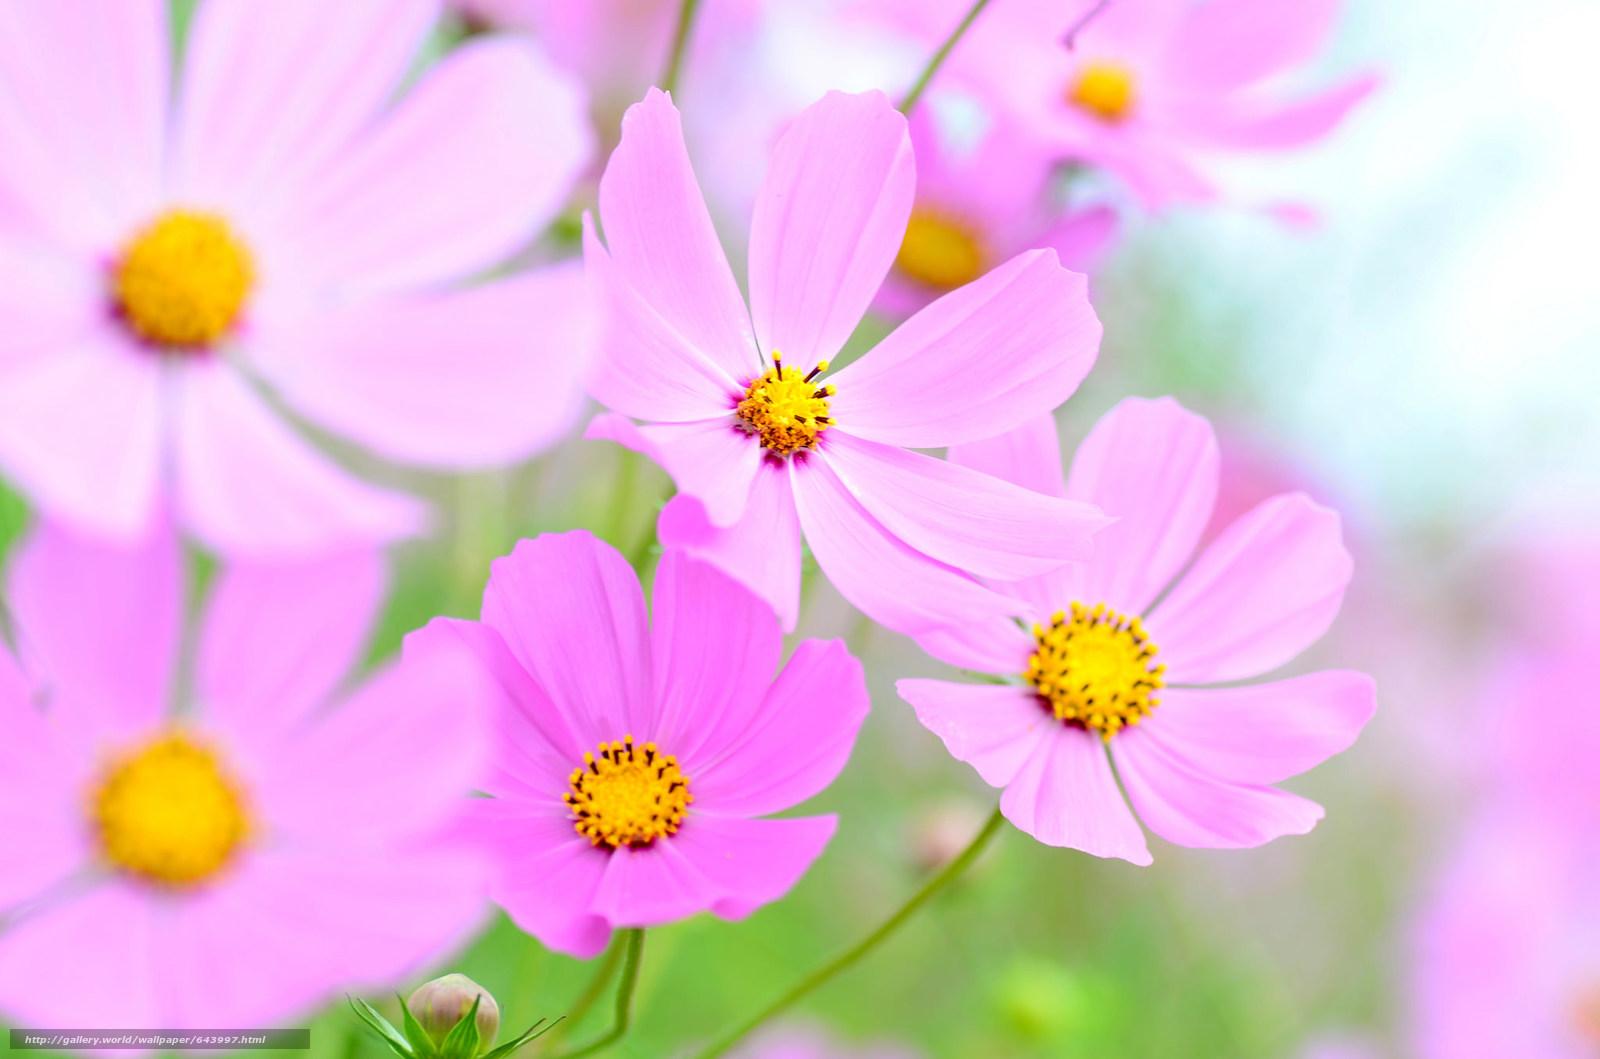 Tlcharger Fond d'ecran Fleurs,  fleur,  kosmeya,  cosmos Fonds d'ecran gratuits pour votre rsolution du bureau 2048x1356 — image №643997